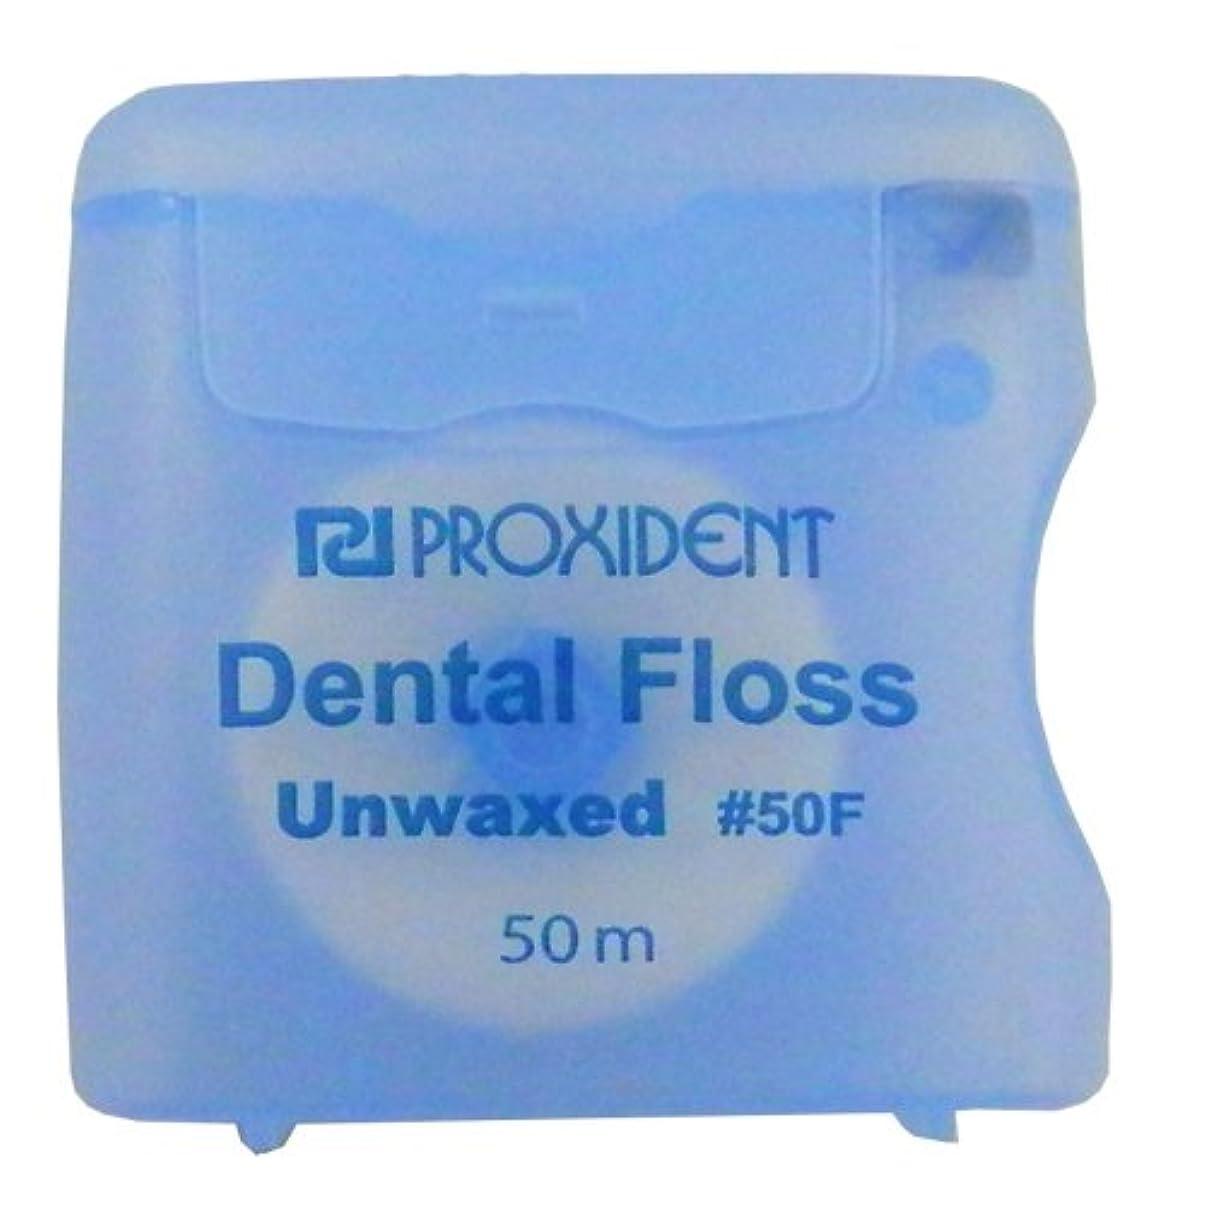 そっと拡張モニカプローデント プロキシデント デンタルフロス アンワックス #50F(UnWaxed) 50m 1個